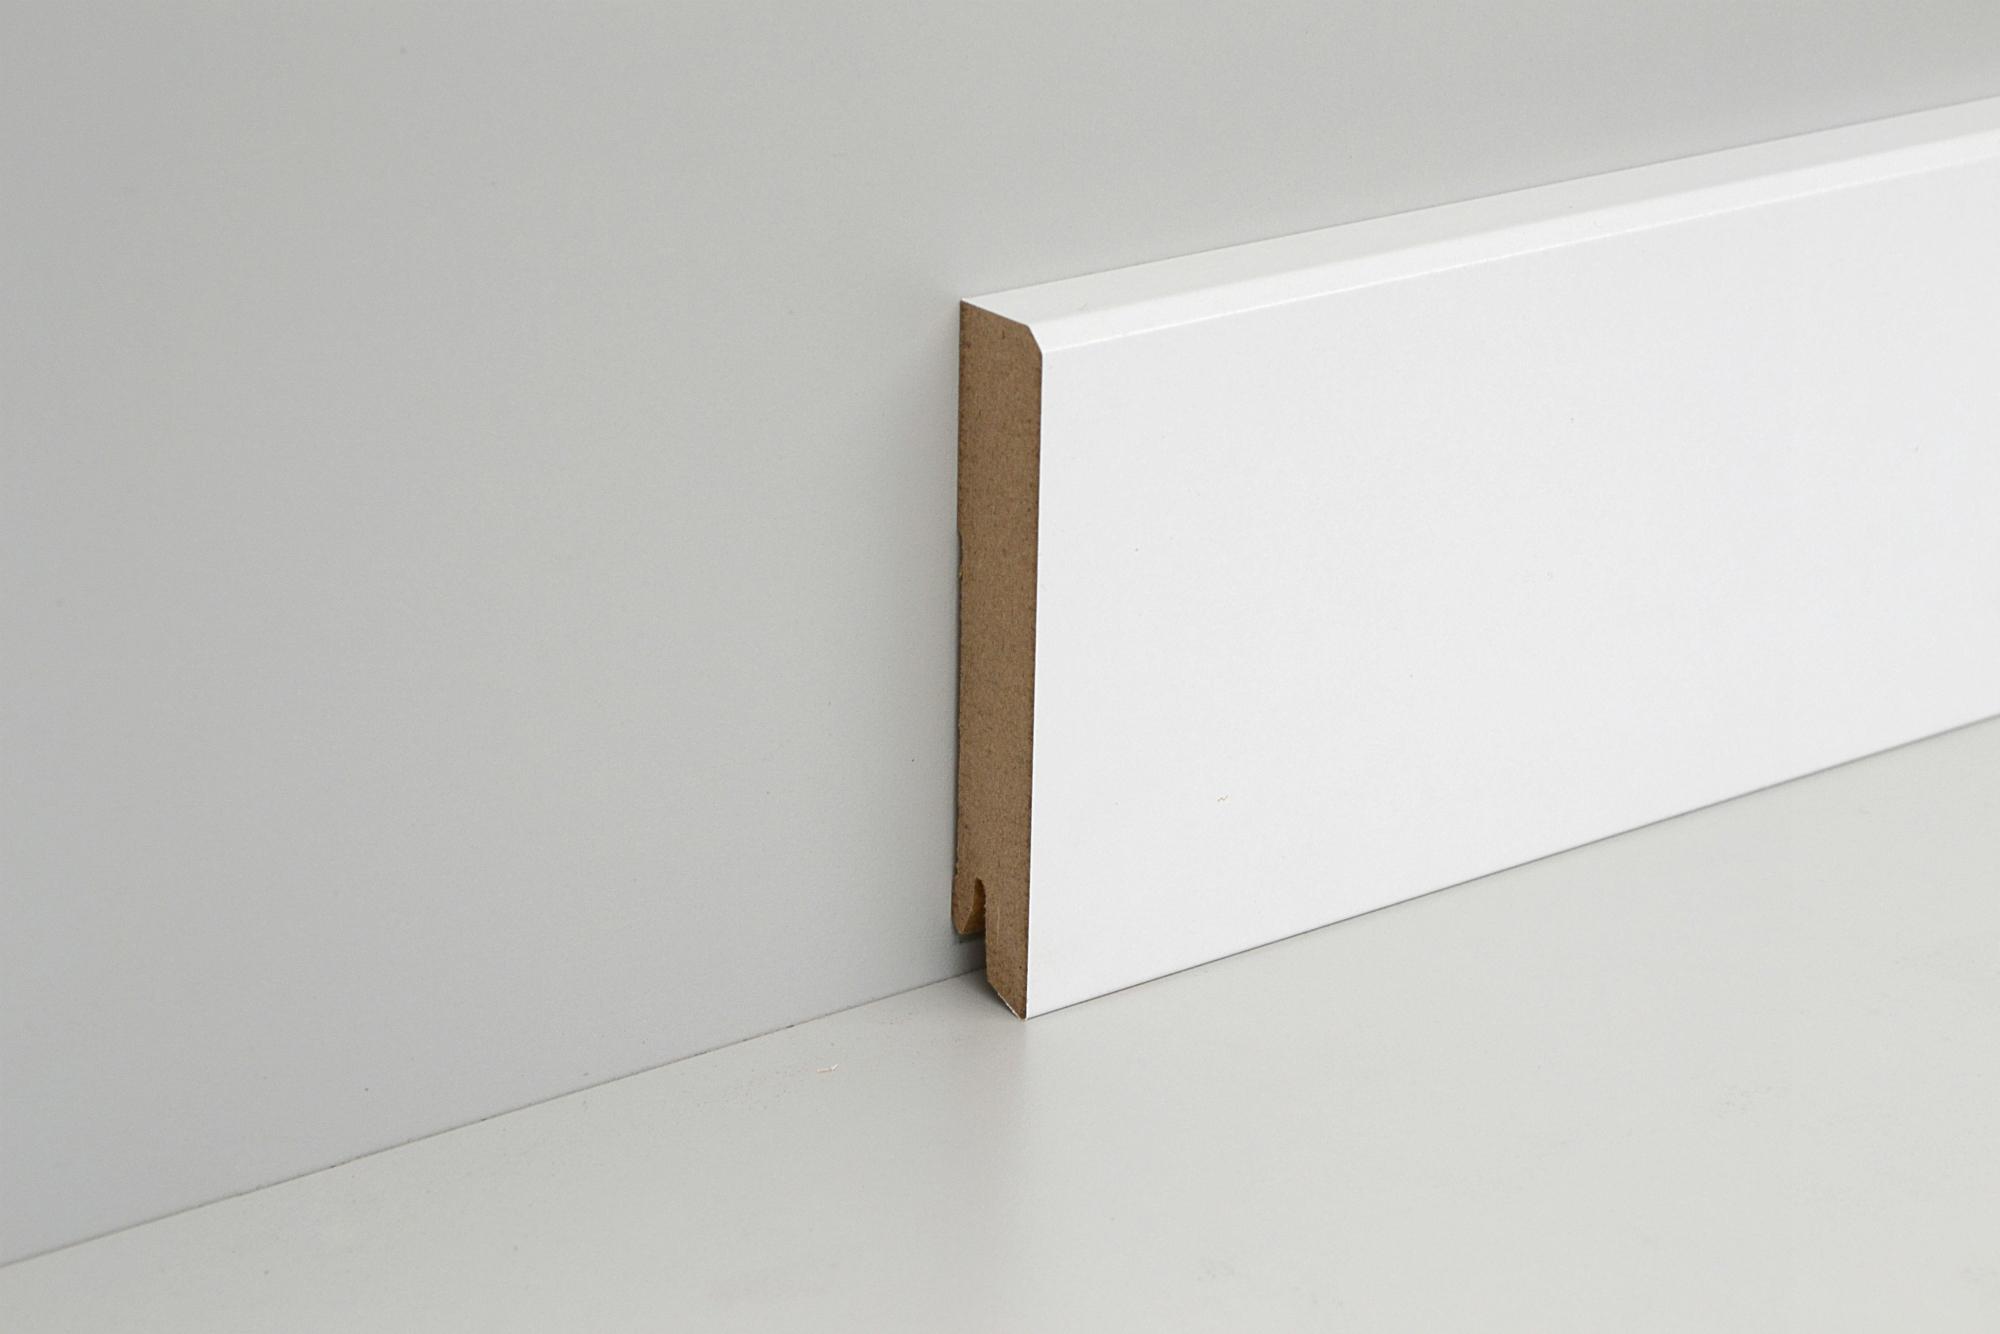 sockelleiste mdf wei 80mm gefast wei e leisten. Black Bedroom Furniture Sets. Home Design Ideas